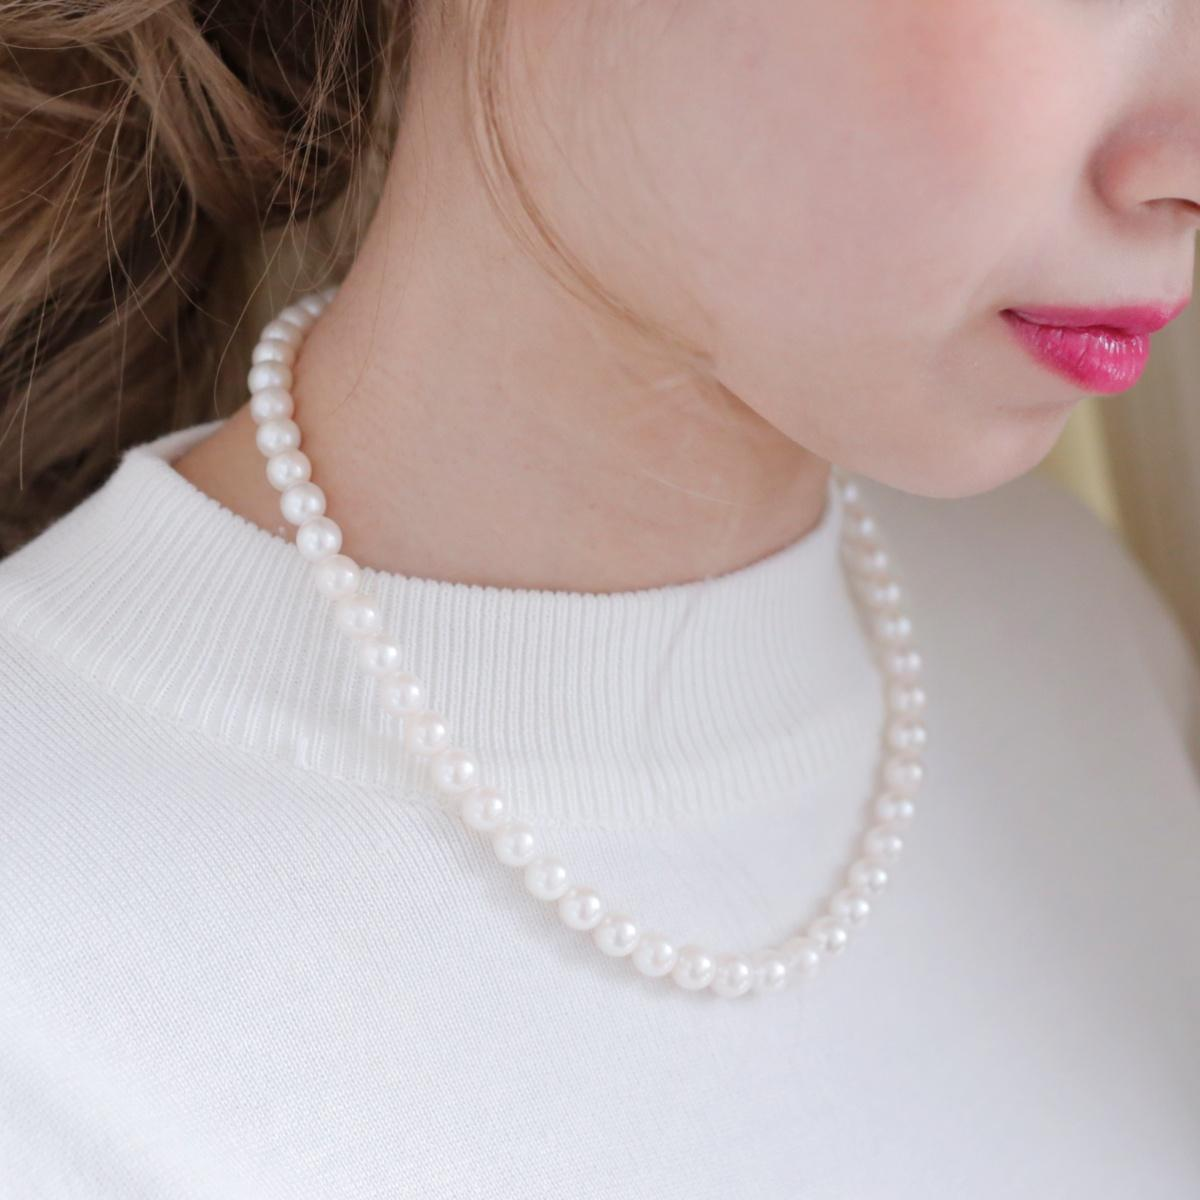 アコヤ真珠フォーマルネックレス 約7.5-8.0の写真